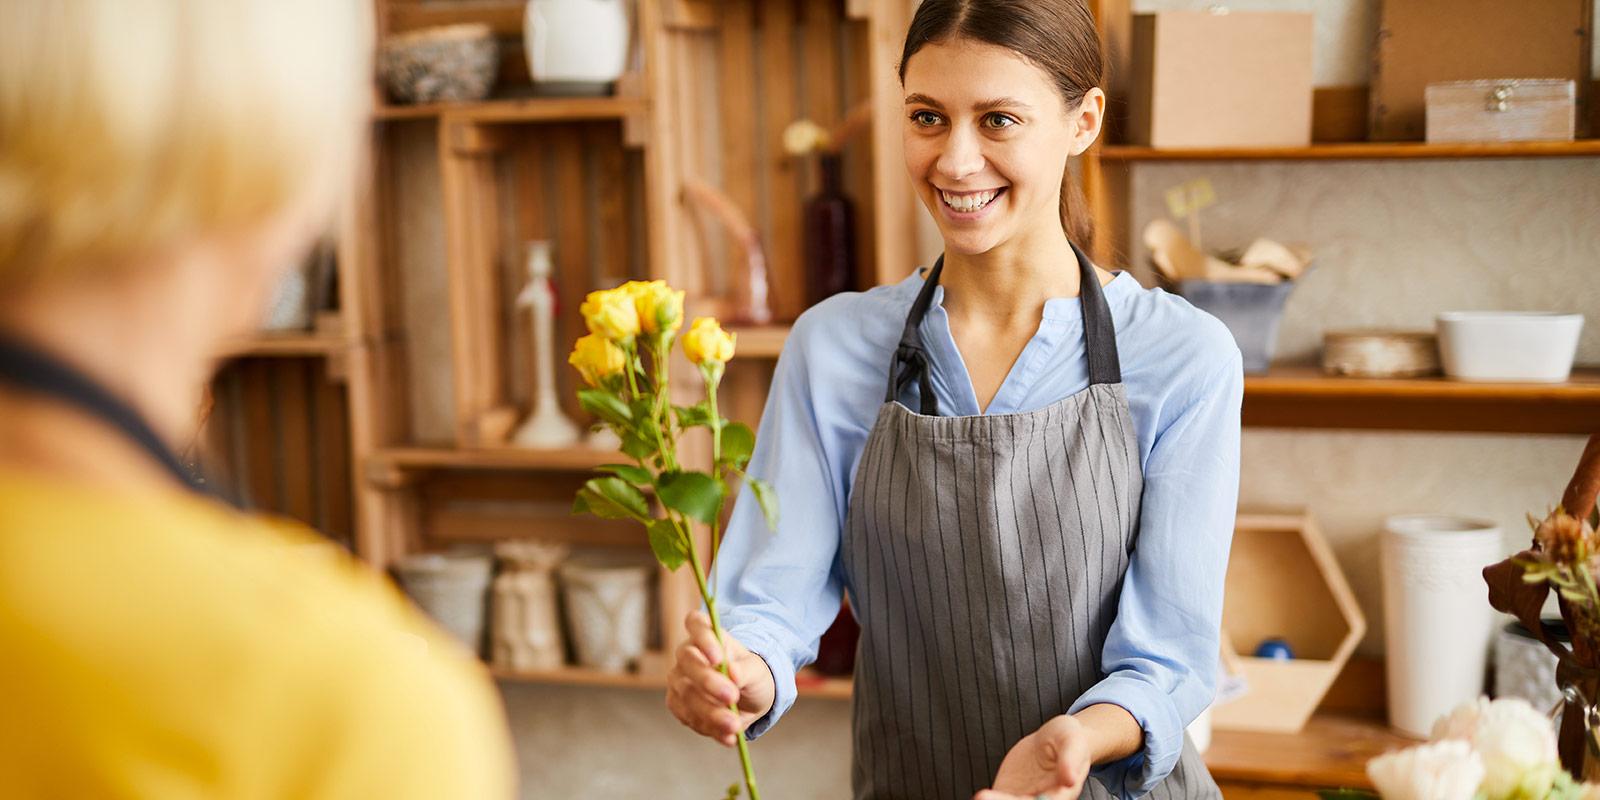 Návod jak si založit živnost a kdy je výhodné stát se živnostníkem (OSVČ)?